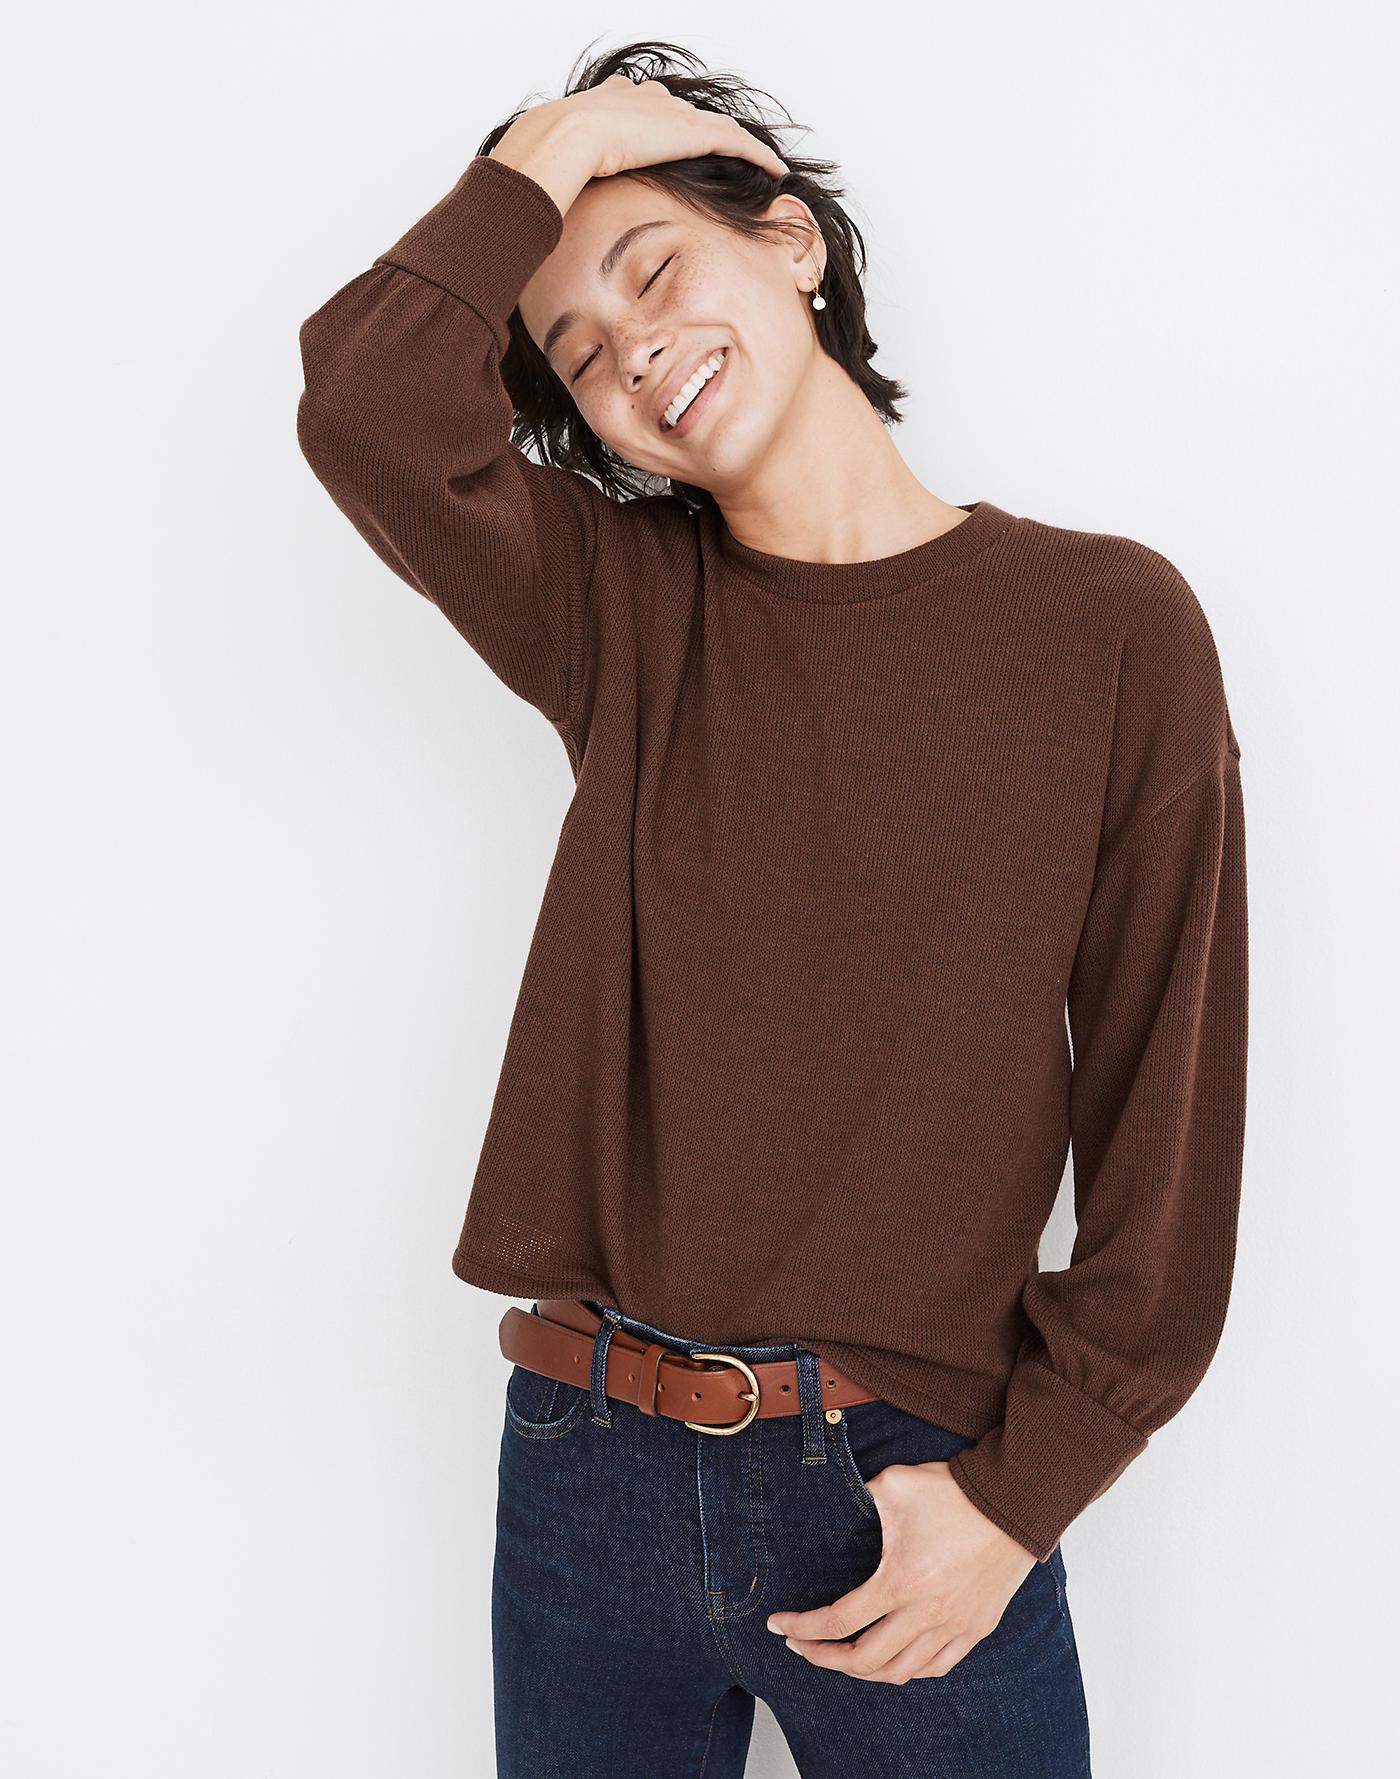 Model wearing brown top